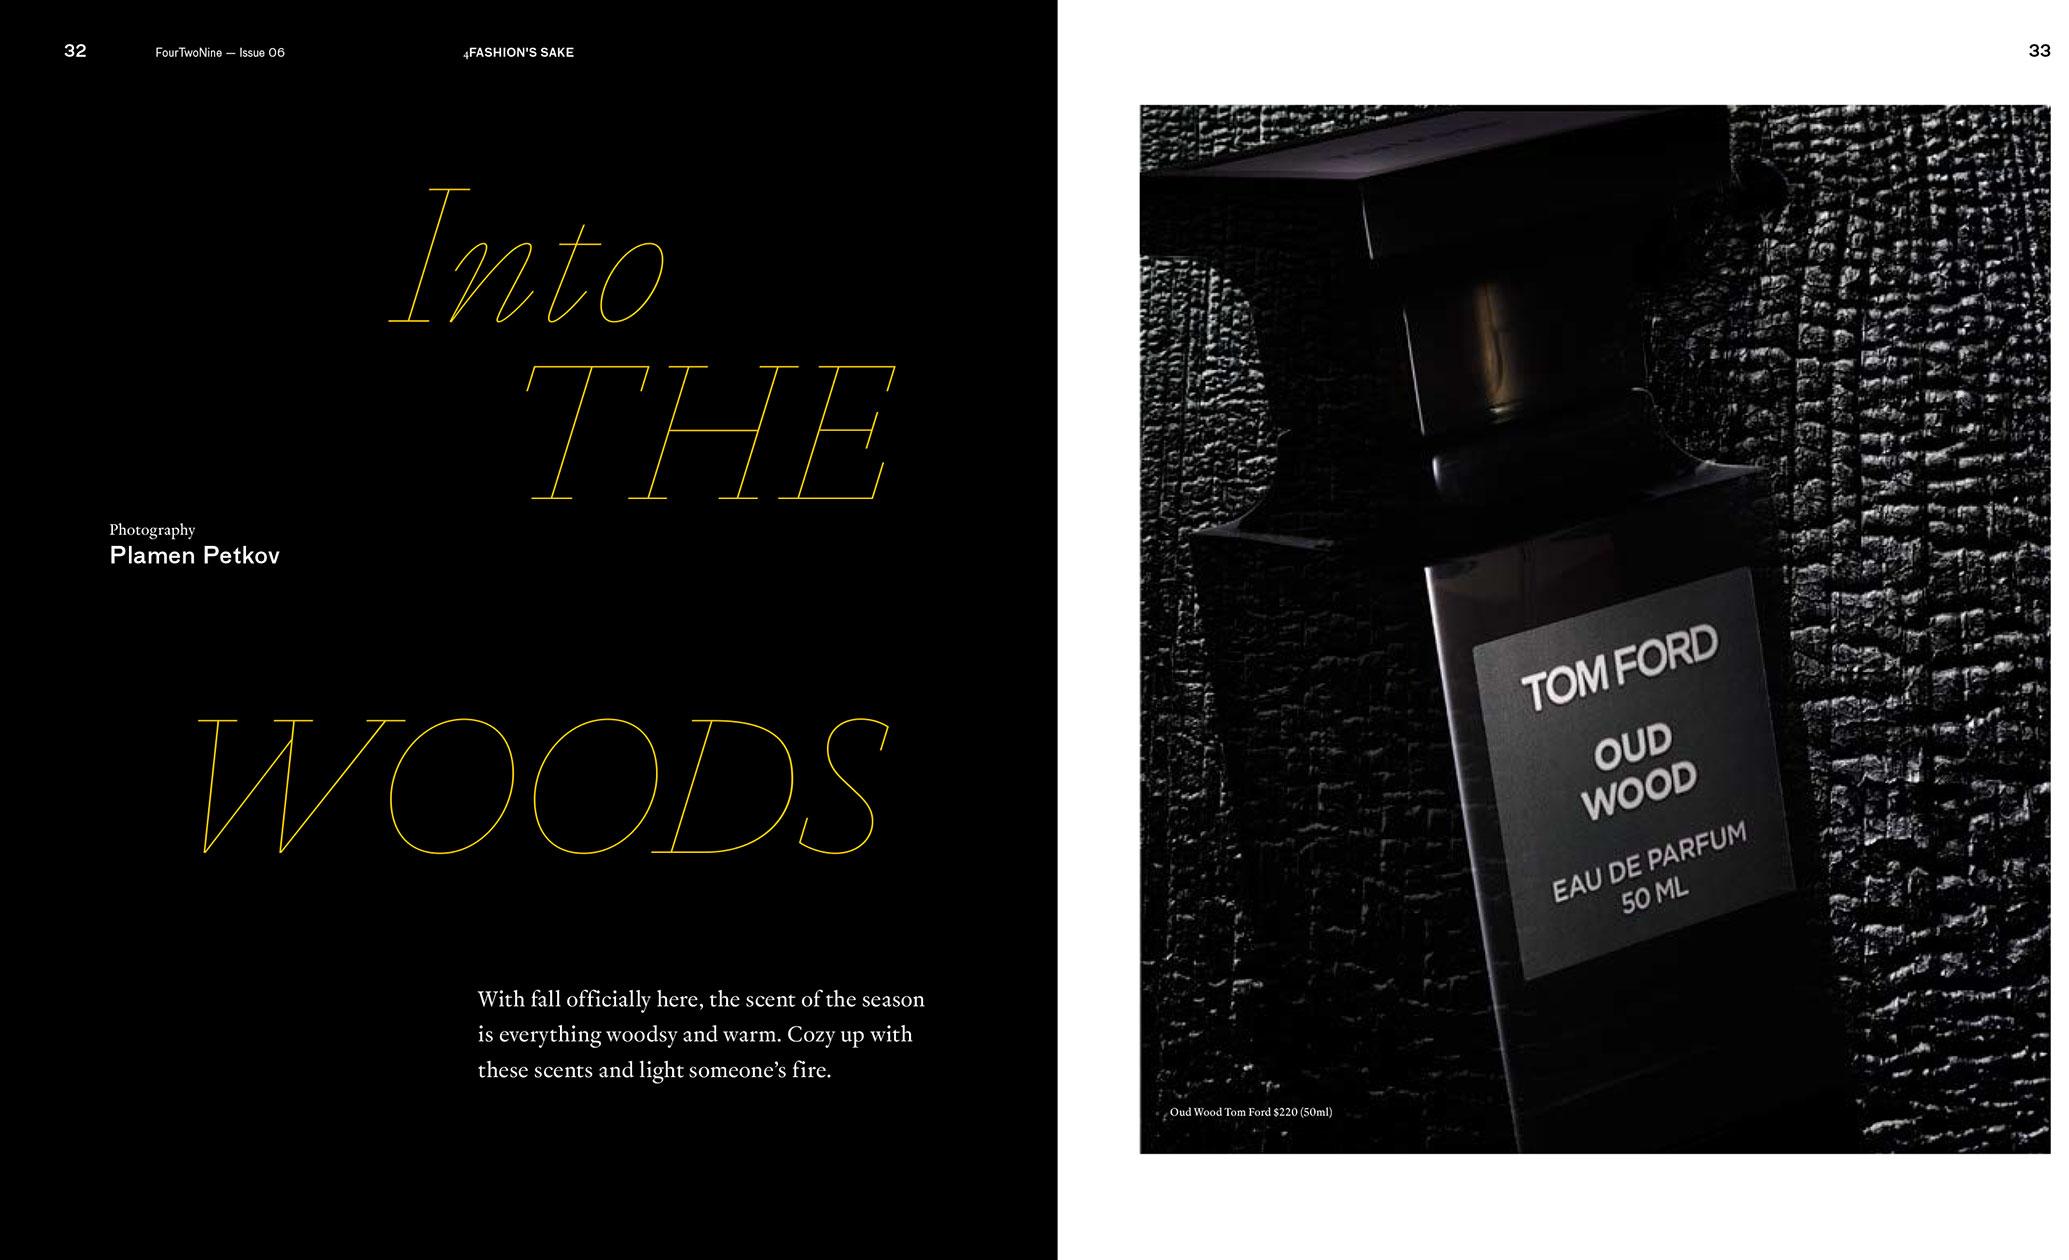 Fragrance429_a.jpg